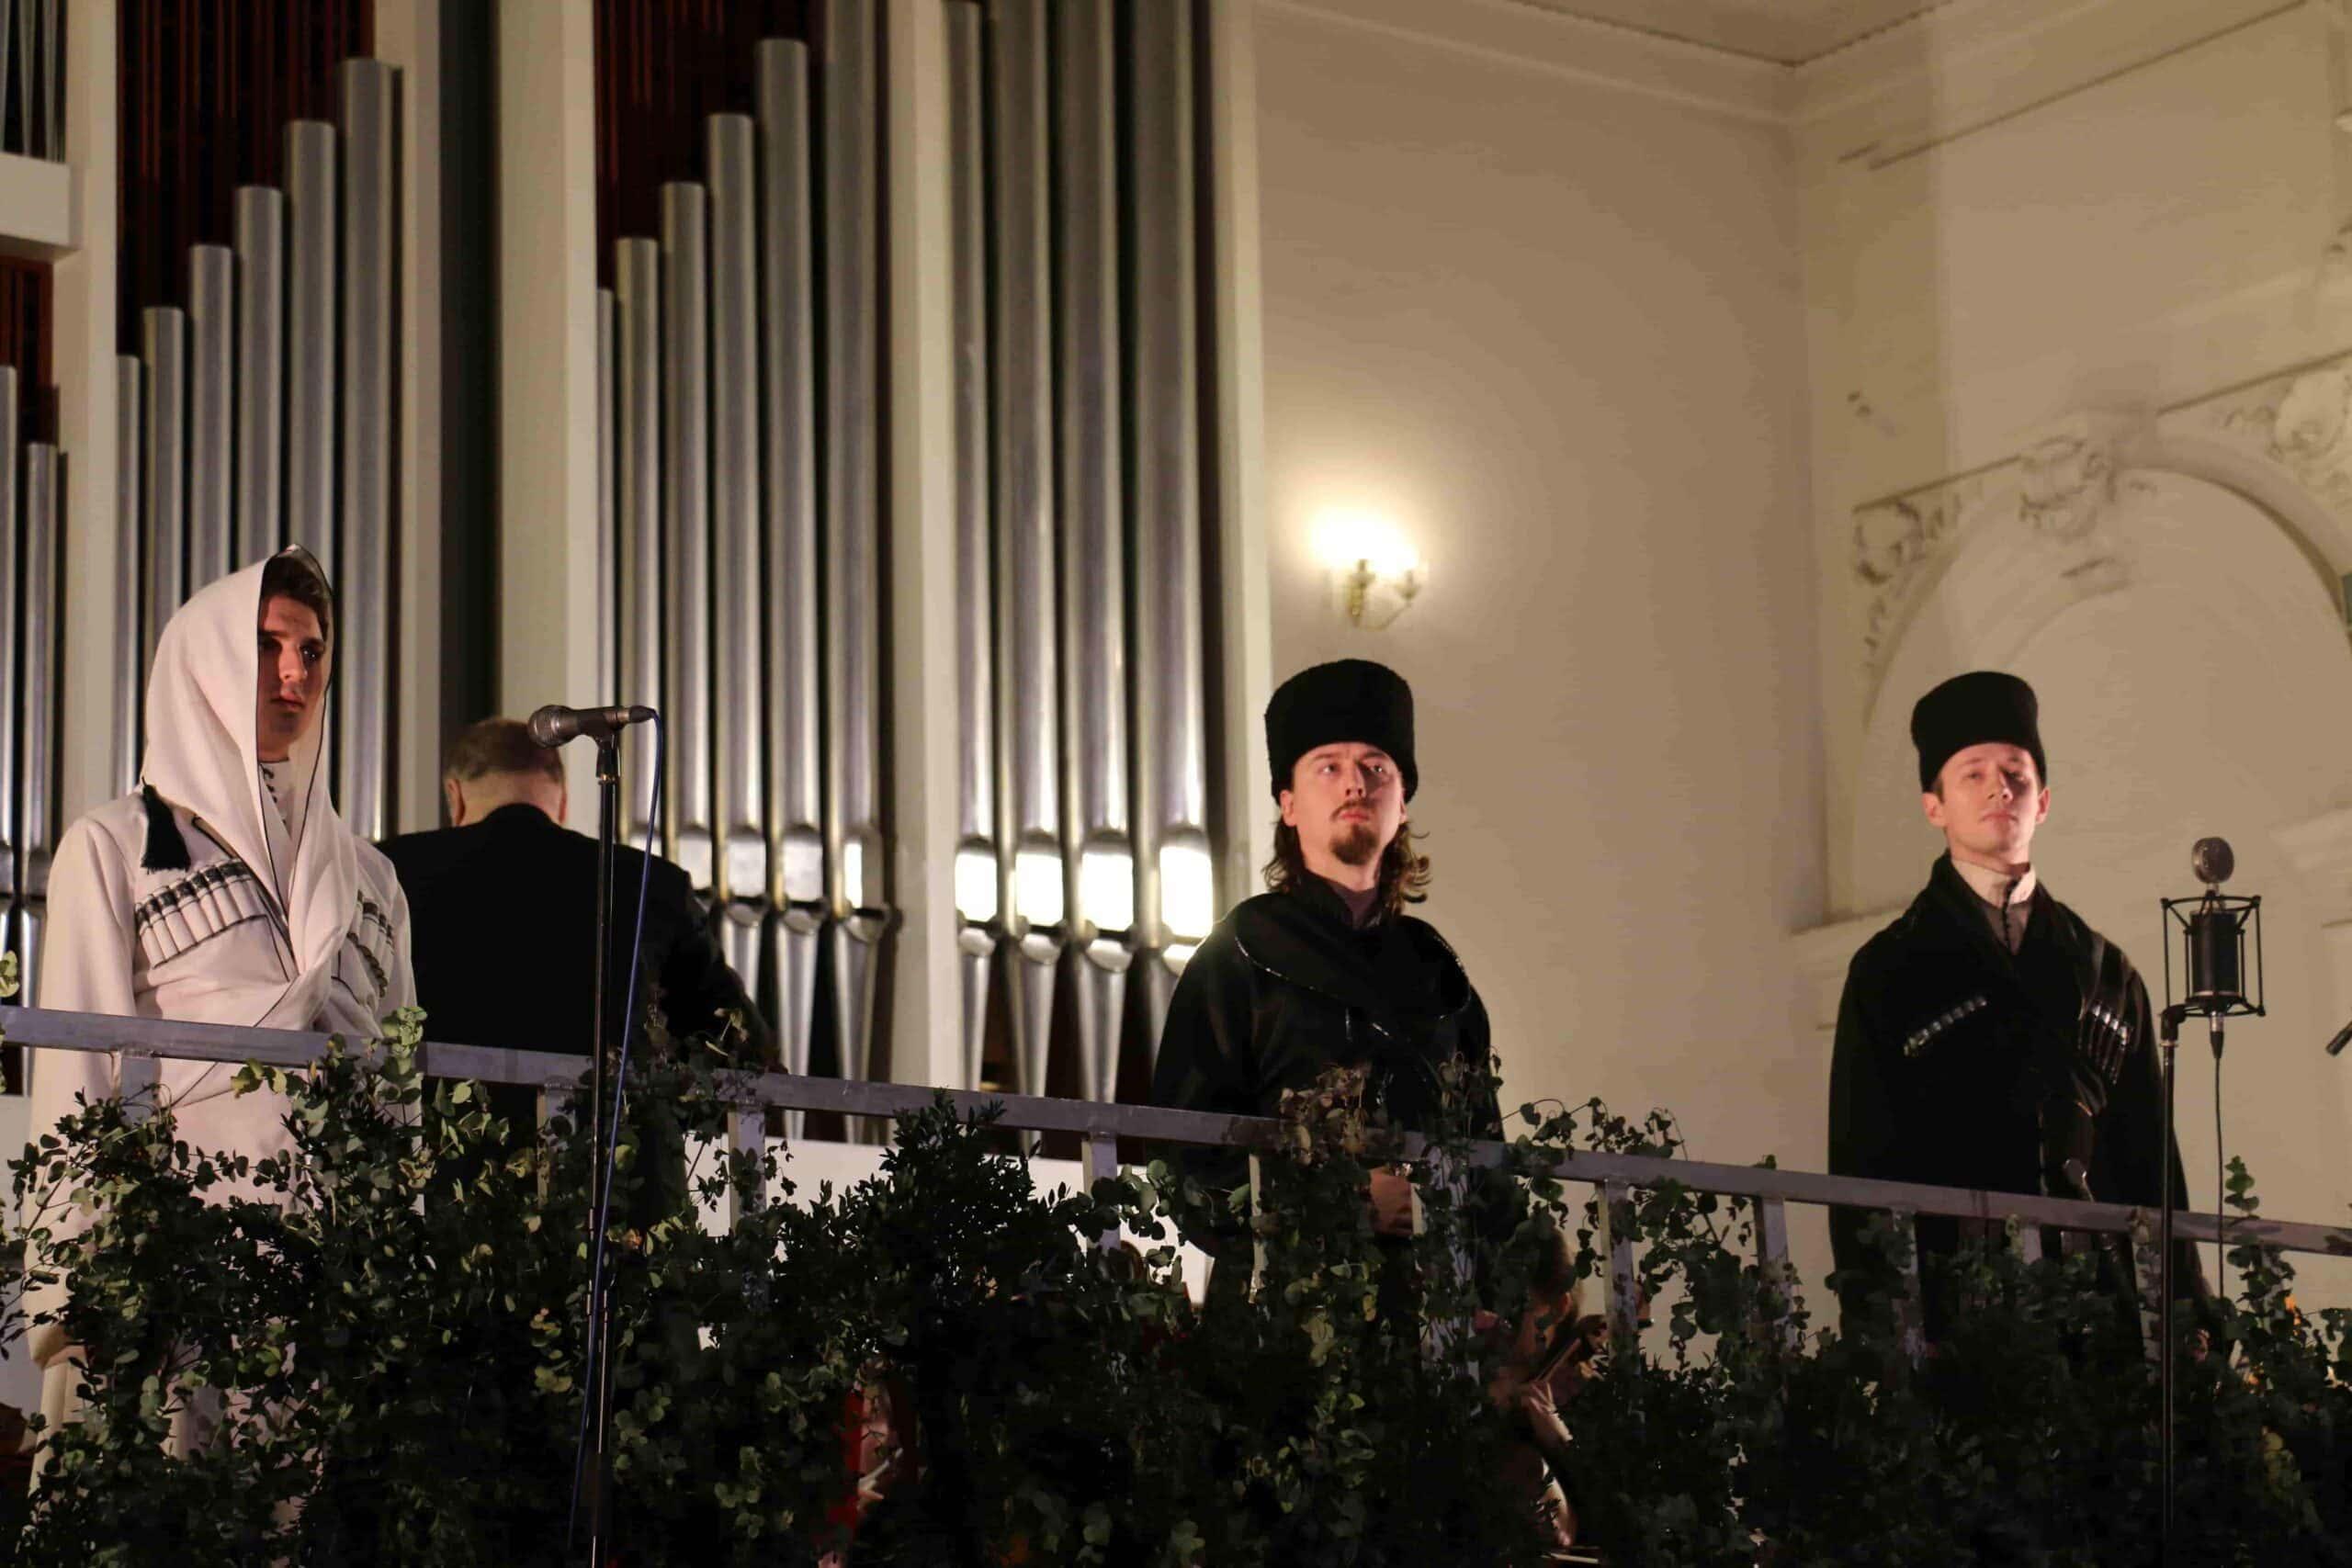 В Саратове состоялась премьера первой в балкарской культуре оперы